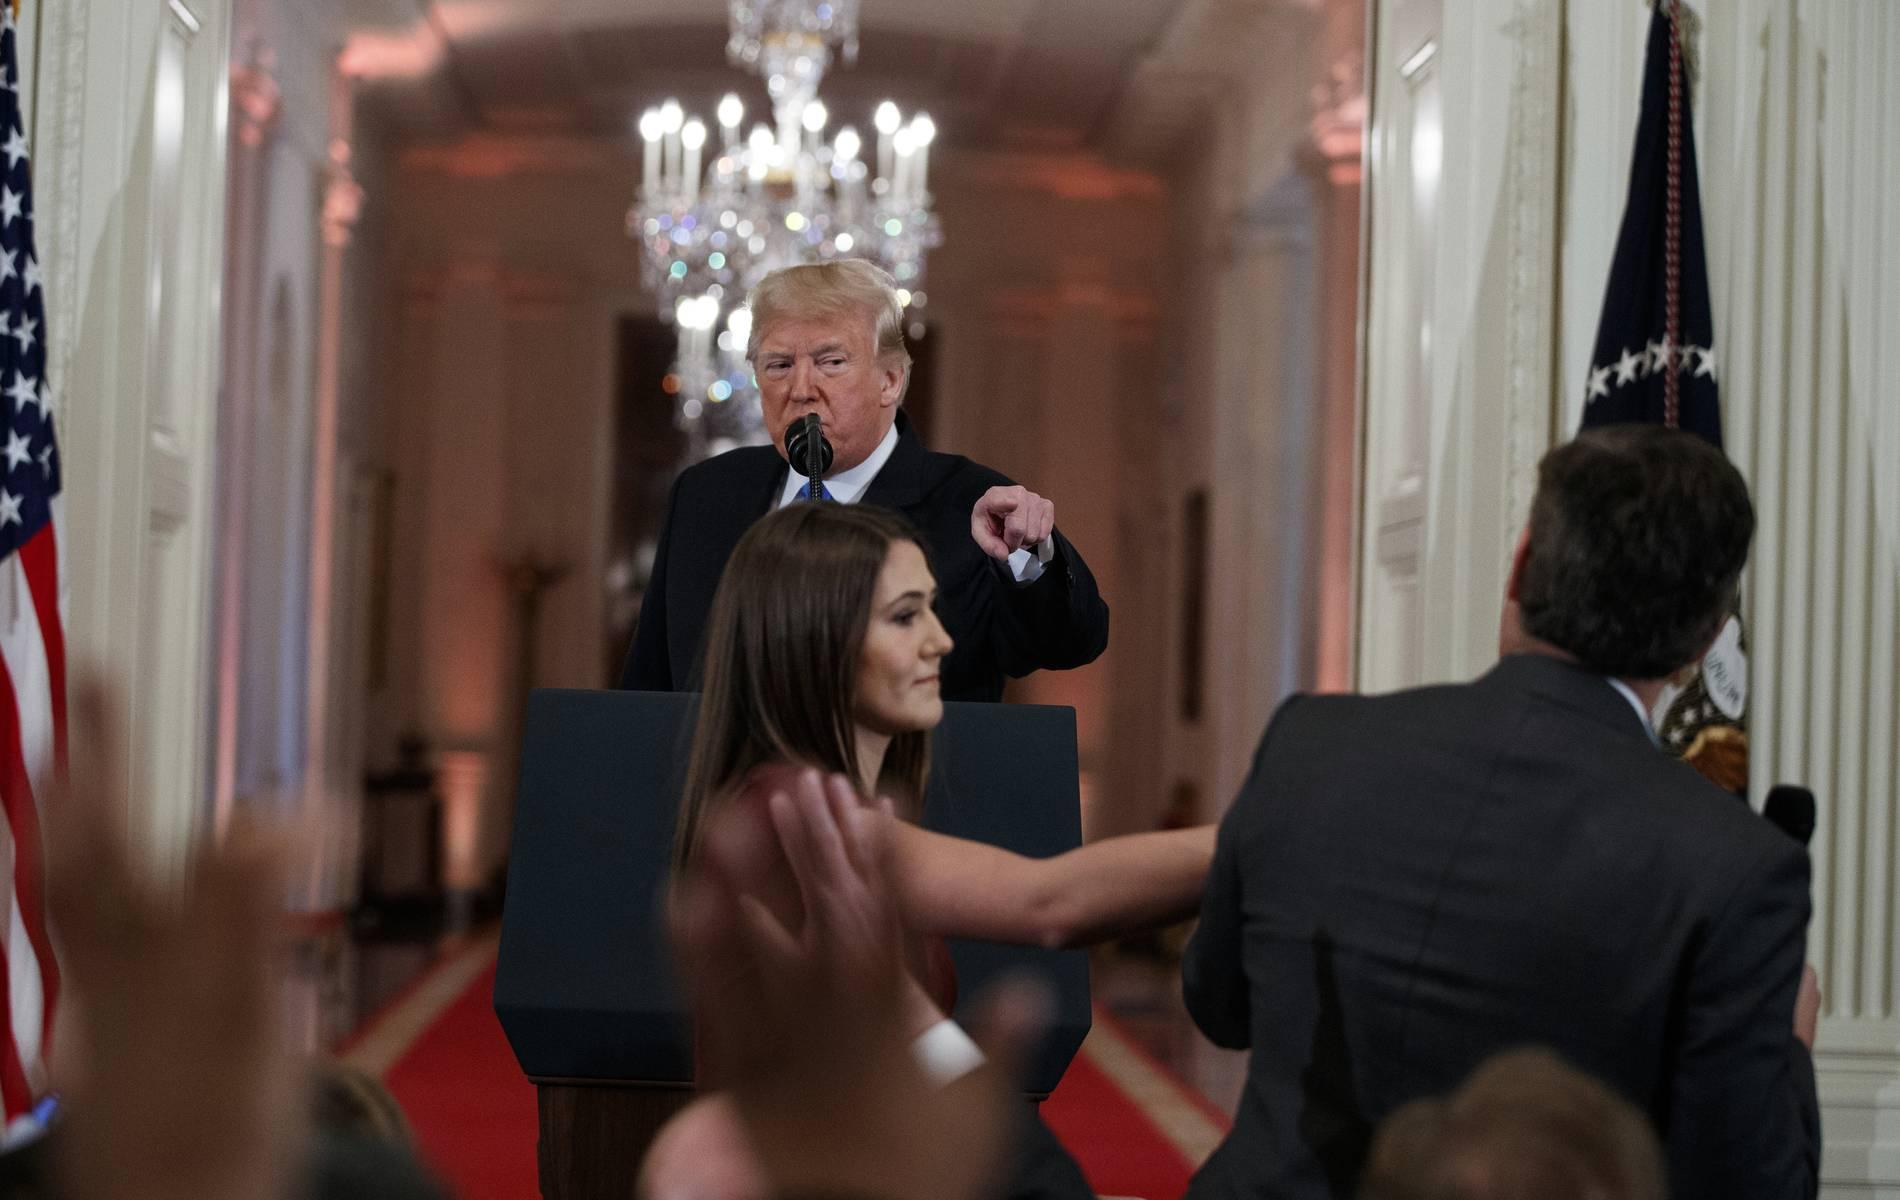 CNN verklagt Trump und weitere Mitarbeiter des Weißen Hauses